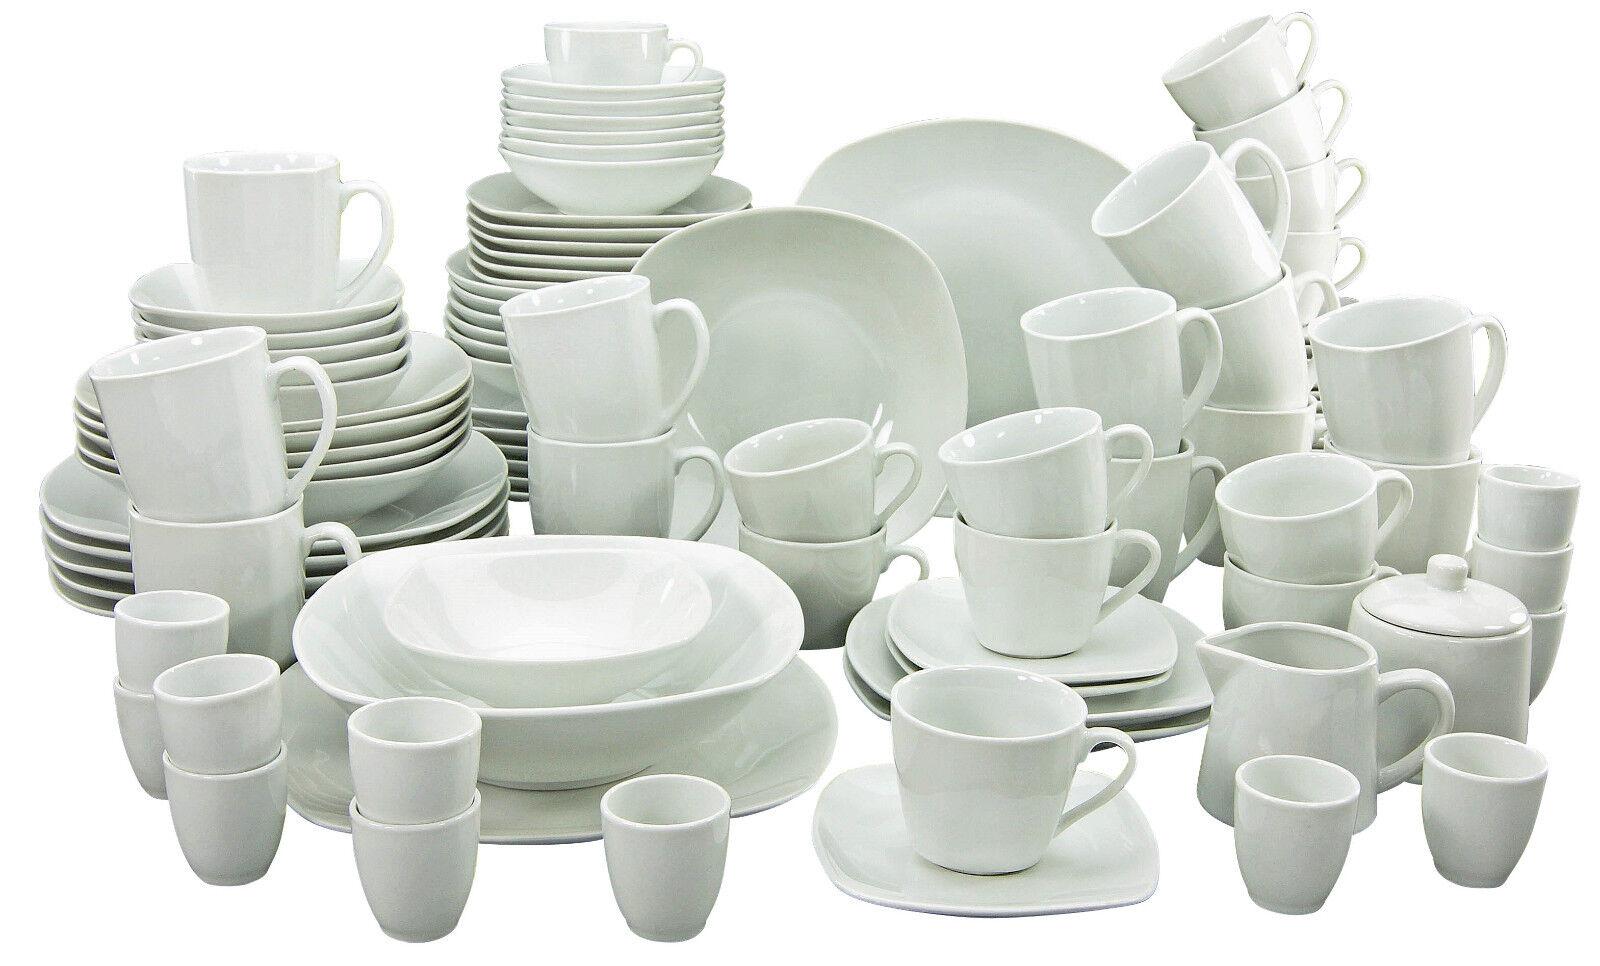 Square Blanc 100tl Combi Service Vaisselle 12 Personnes Porcelaine Creatable 13779 Go